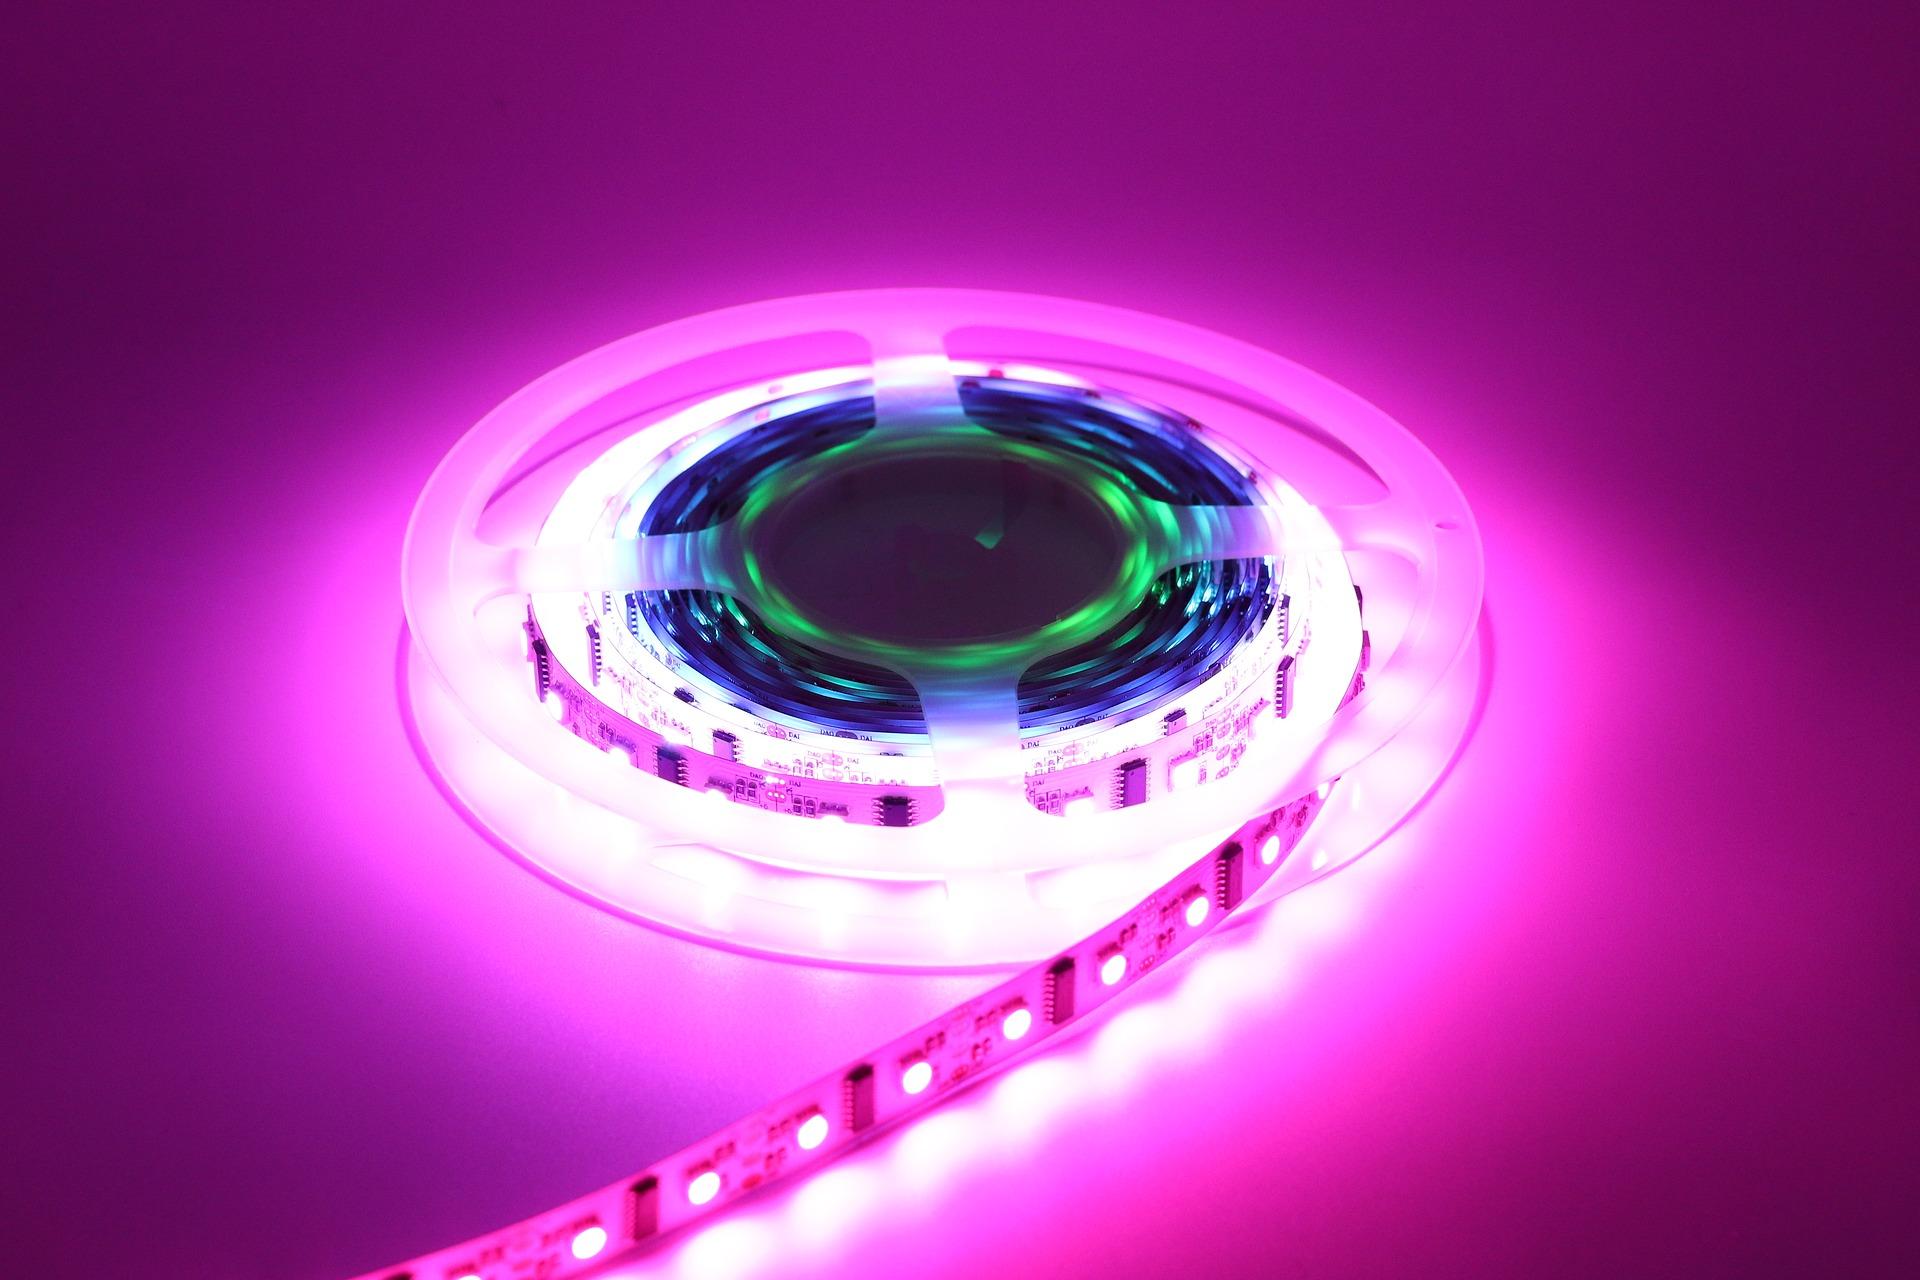 Imagem mostra uma fita de LED RGB em destaque.